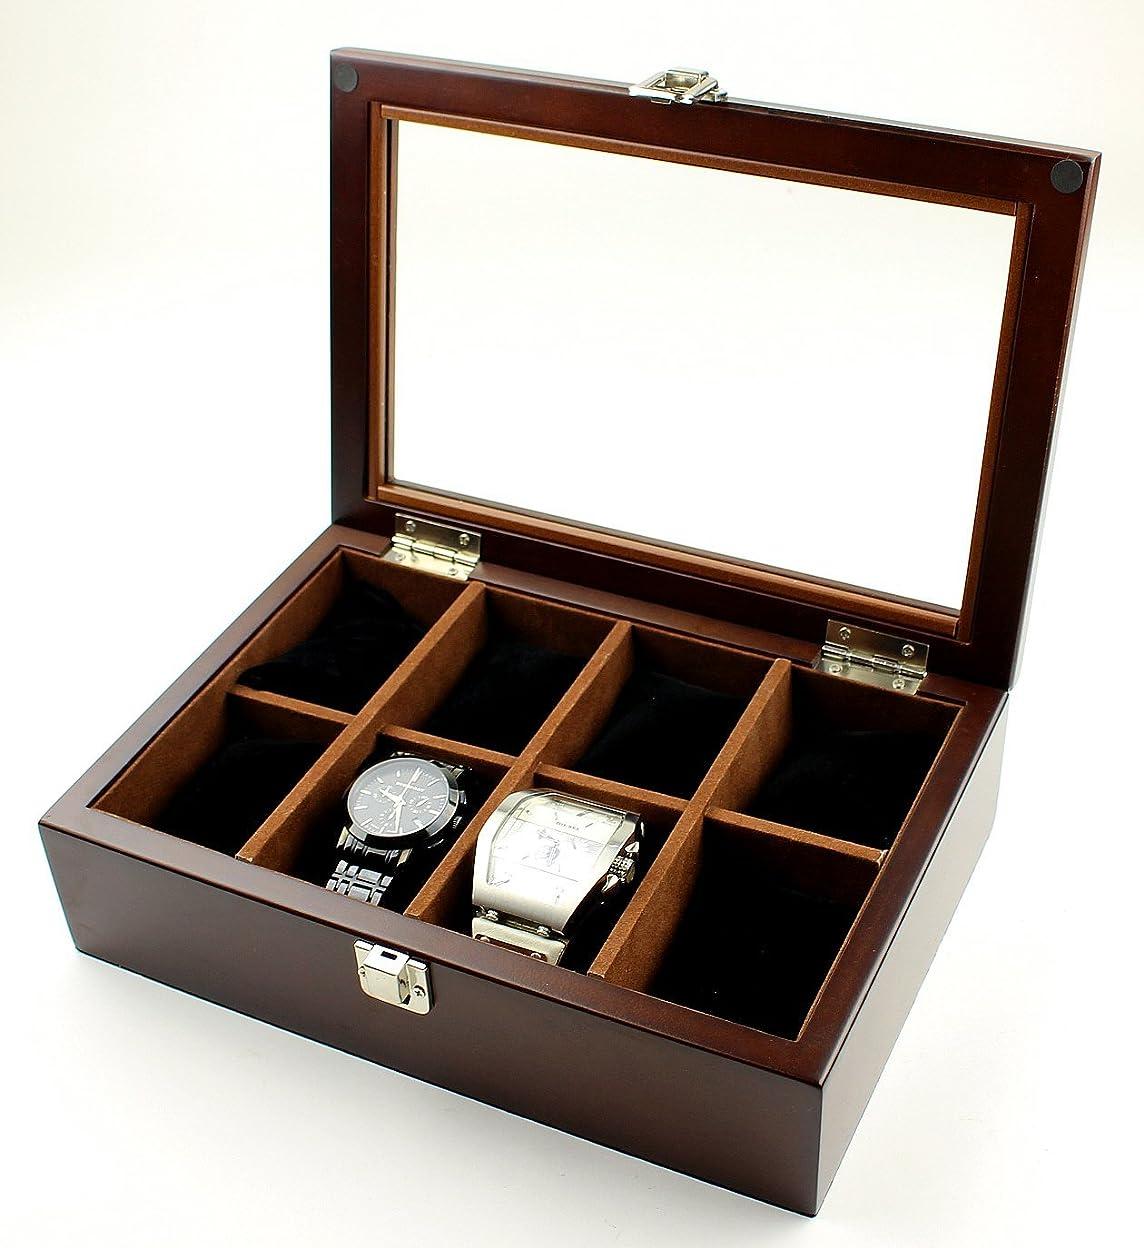 オーラルアシュリータファーマンブロッサム高級 木製 腕時計 収納 ボックス 8本用 コレクション ウォッチ ケース ディスプレイ A332 (ブラウン)